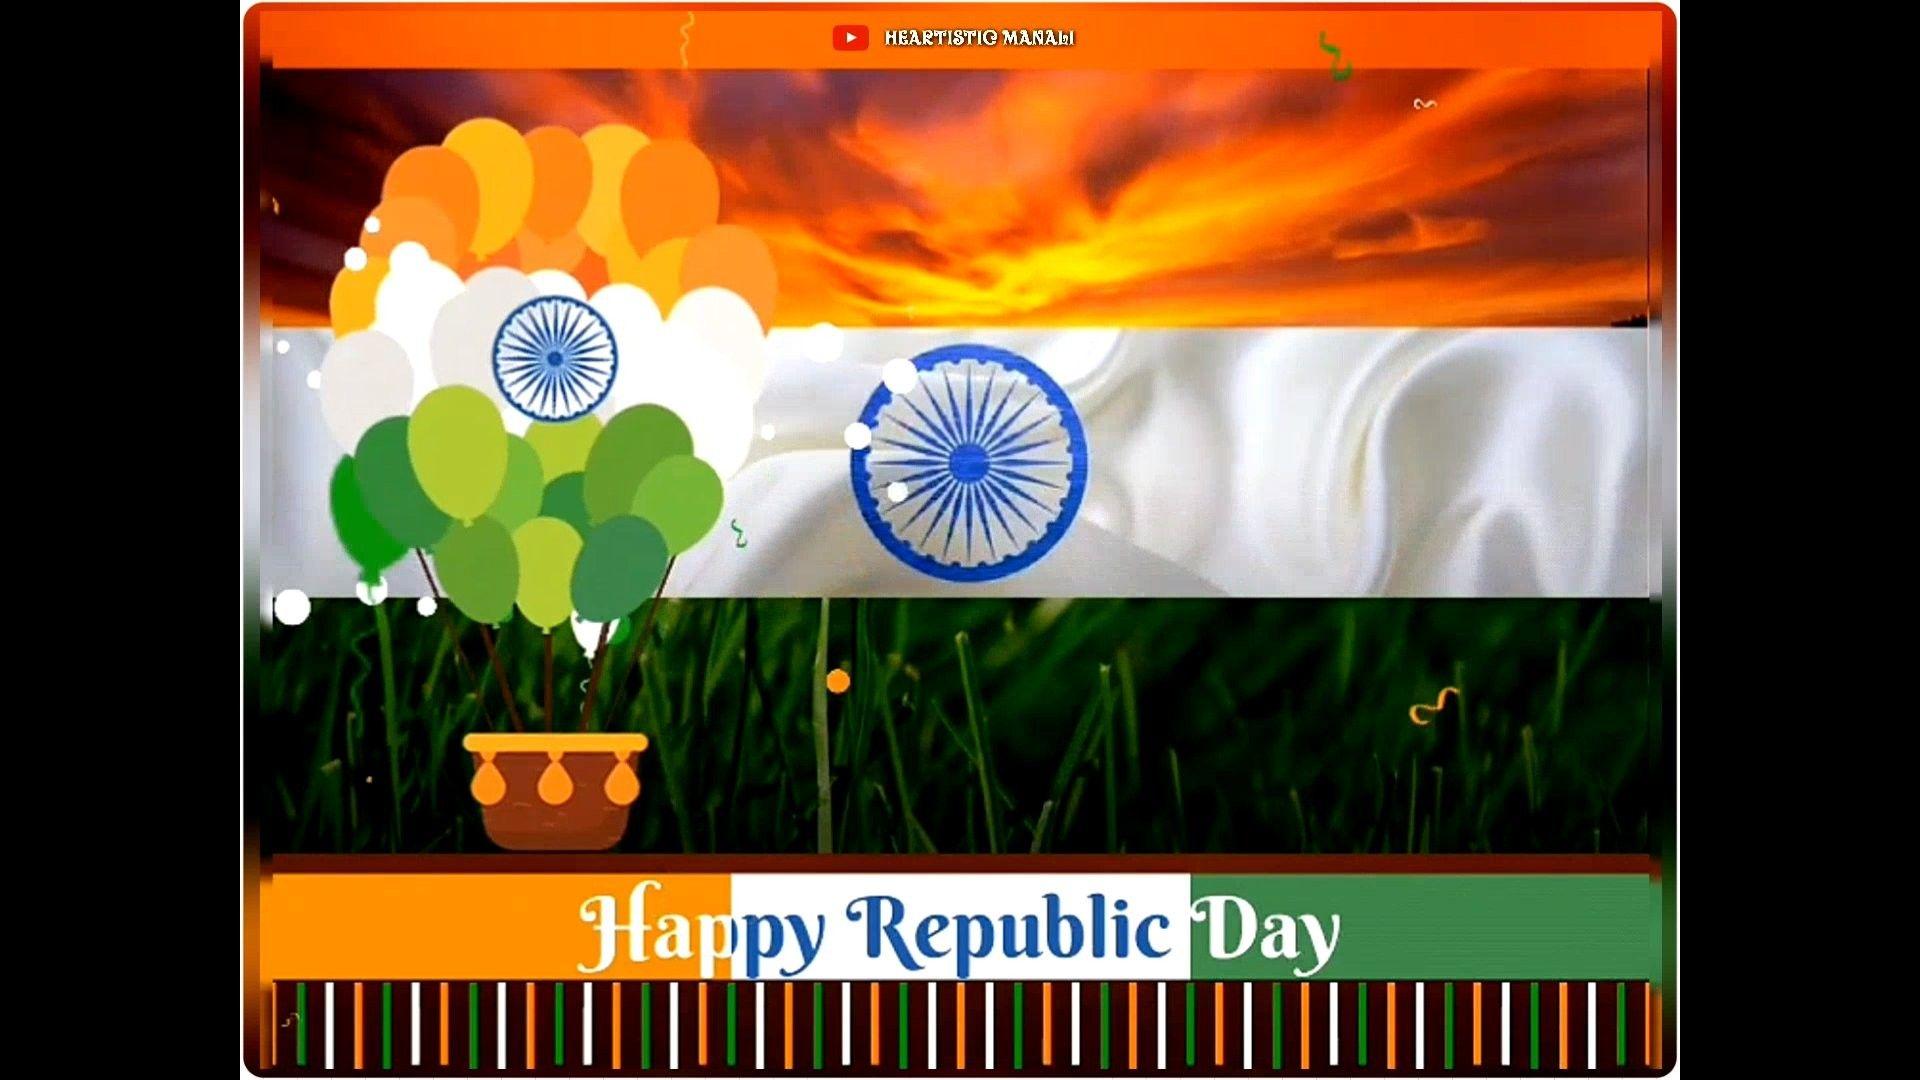 Republicday2020 Respectyourcountry Meradeshmahaan Loveyourcountry Republic Day Republic Day Status Republic Day Message